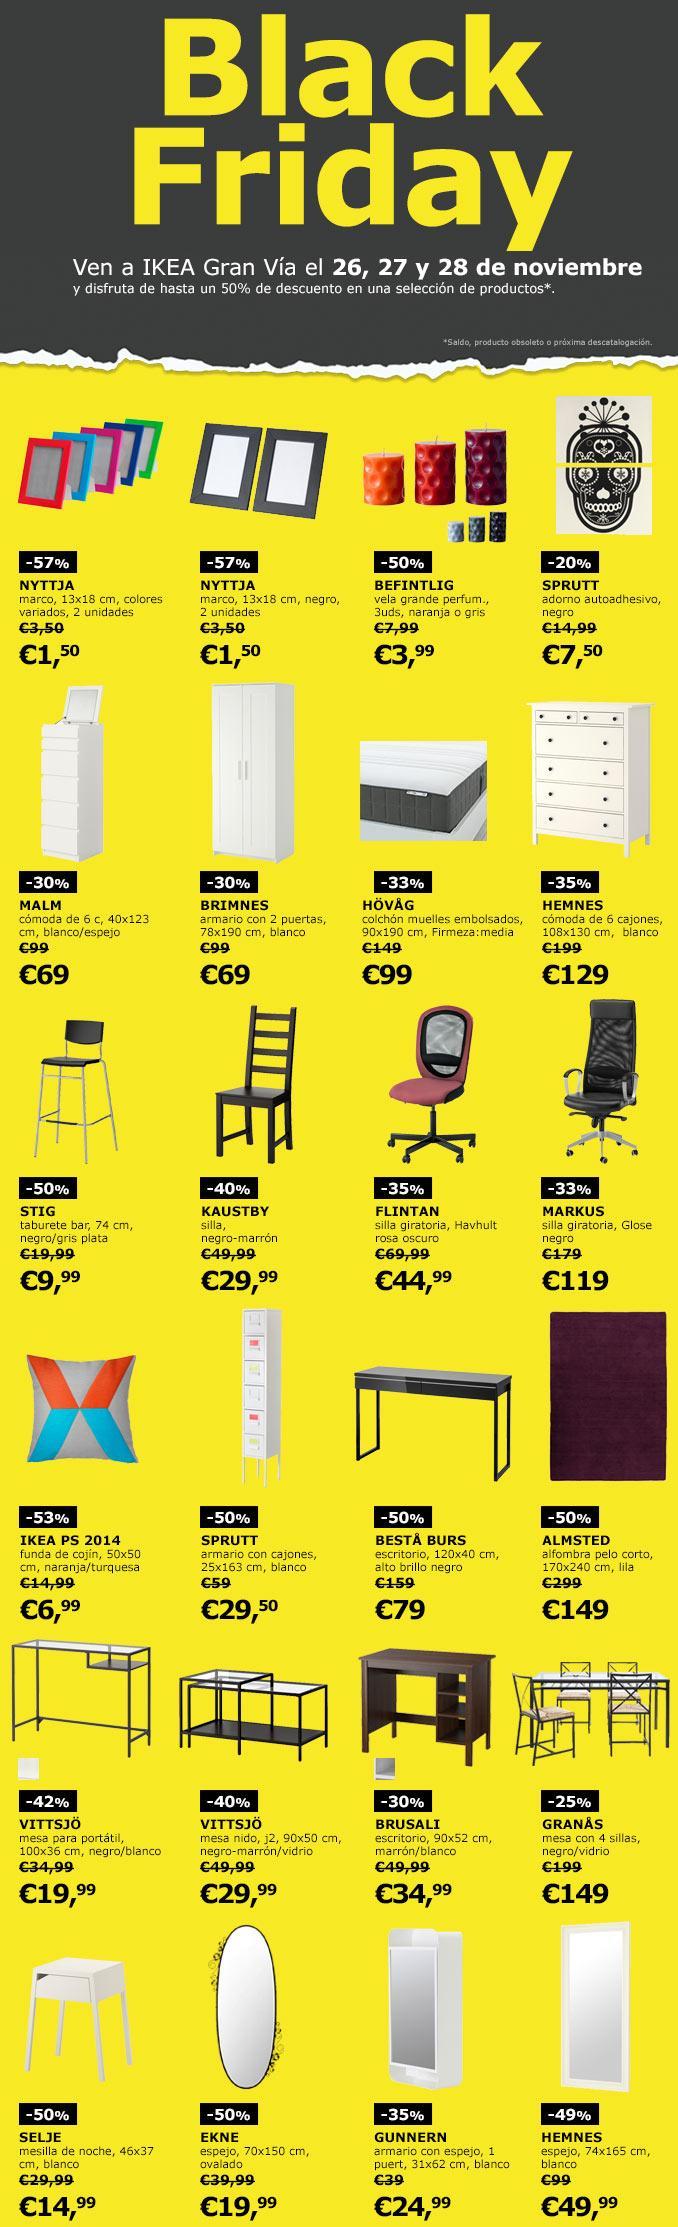 Las ofertas black friday ikea 2015 espa a empiezan el 26 - Ikea sevilla ofertas ...